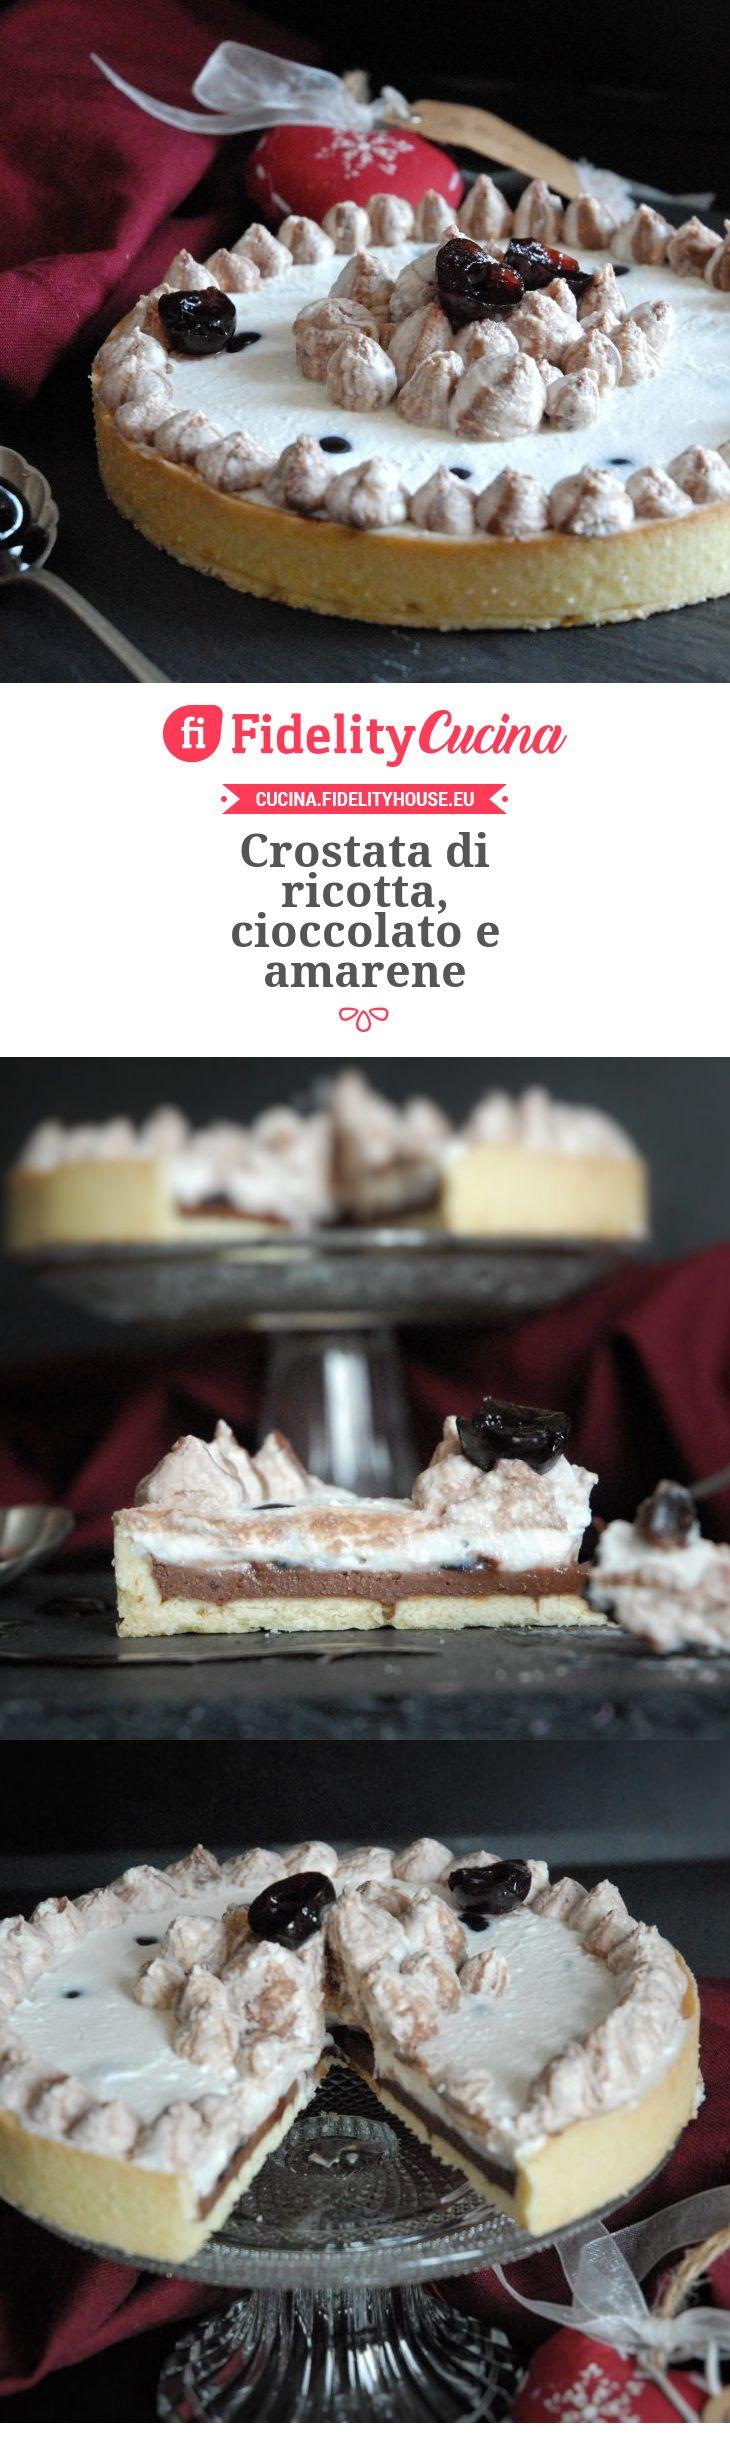 Crostata di ricotta, cioccolato e amarene